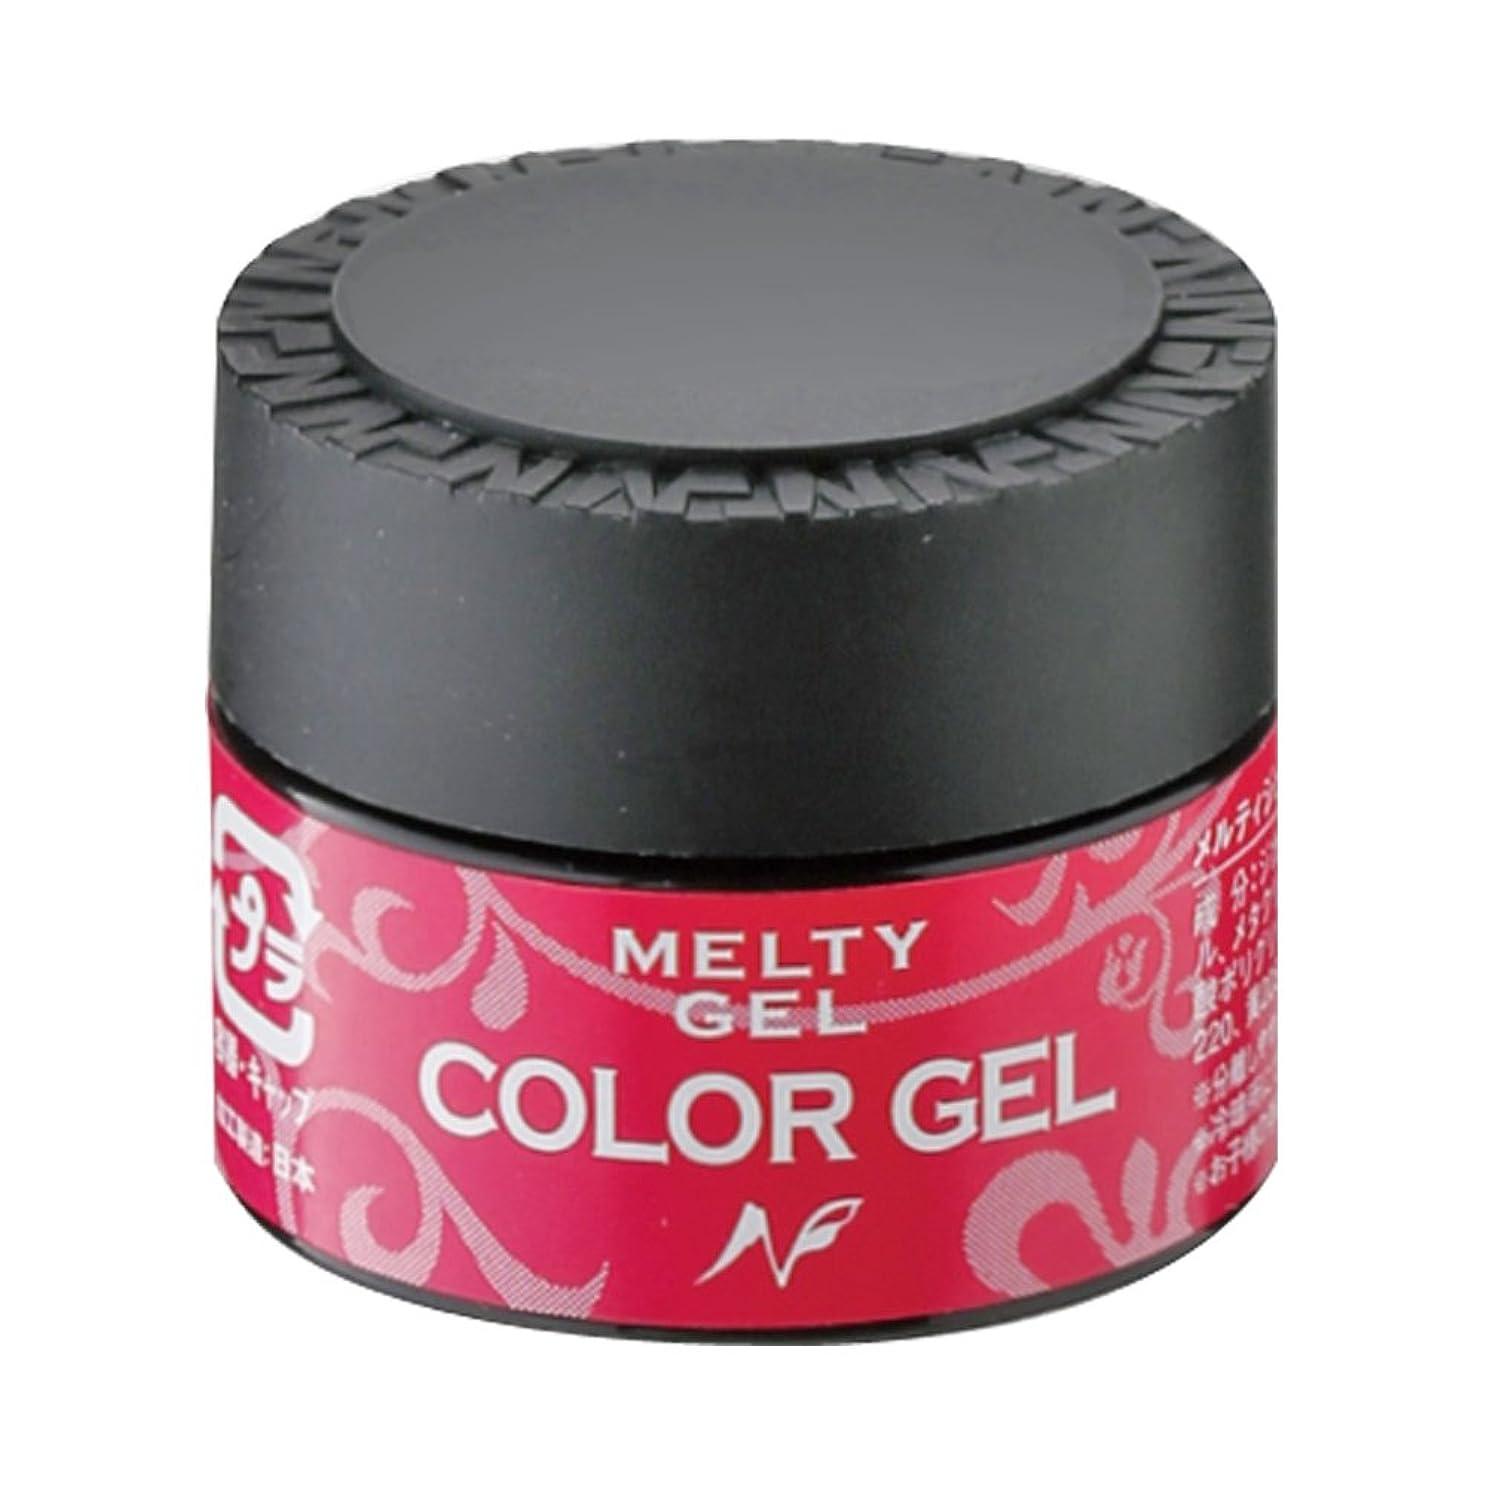 垂直したがって本物Melty Gel カラージェル N19 フレンチピンク 3g ナチュラルスキンシリーズ